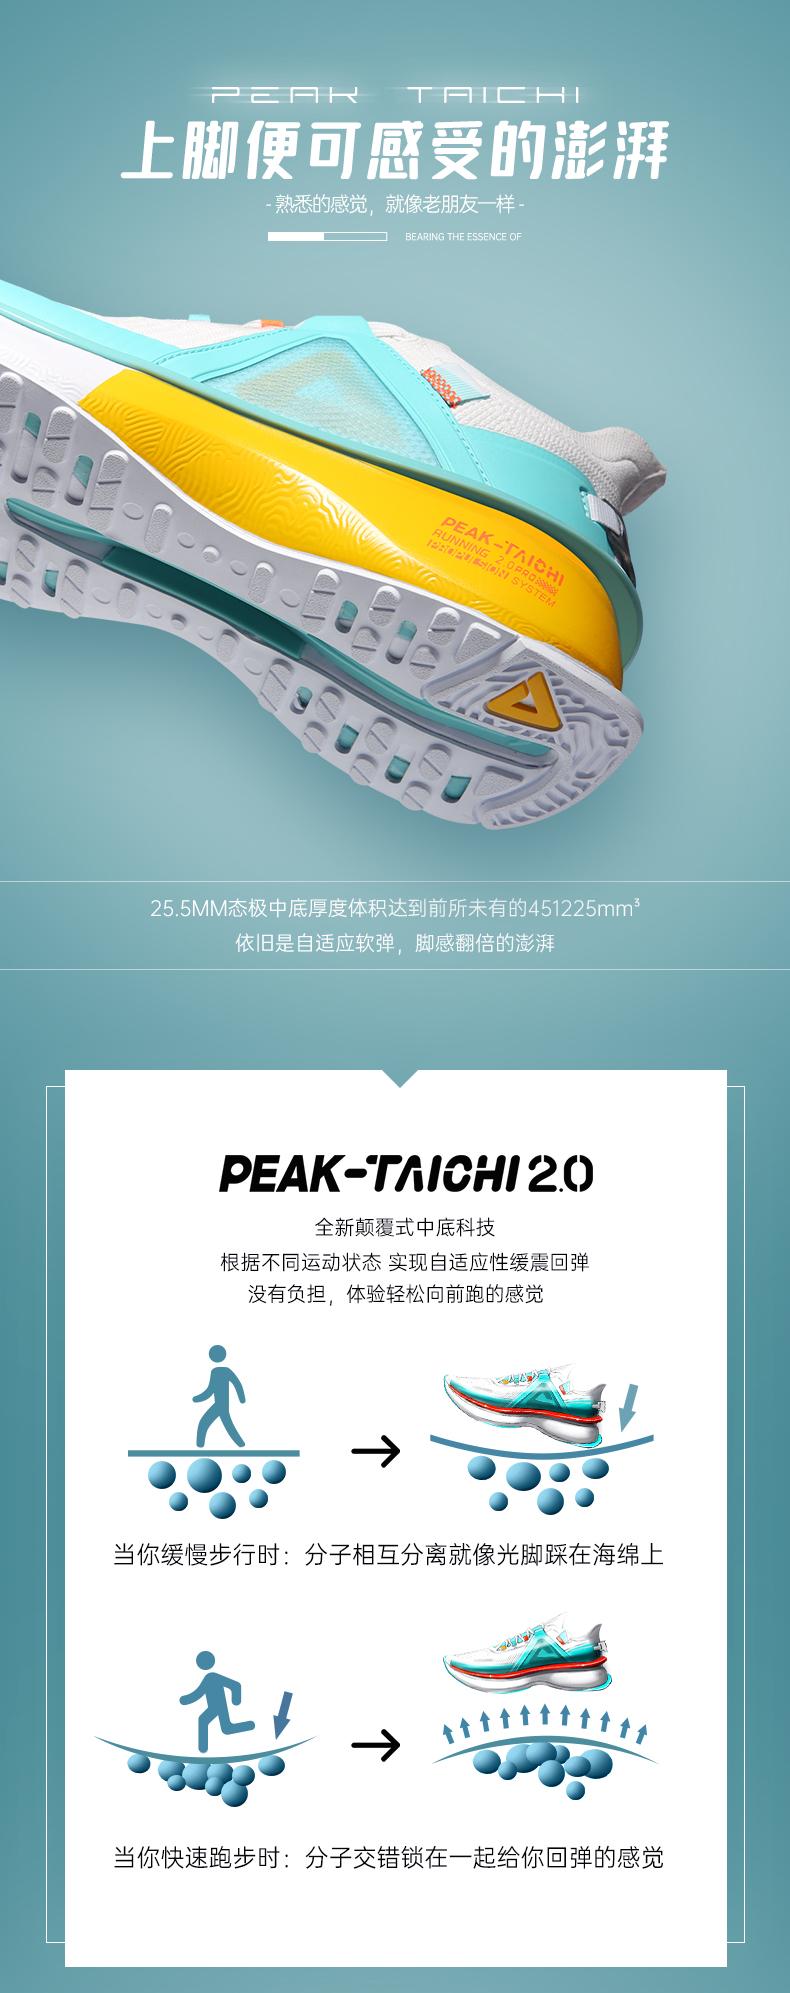 匹克专业跑鞋 态极2.0pro 男女夏季透气跑步鞋 图3